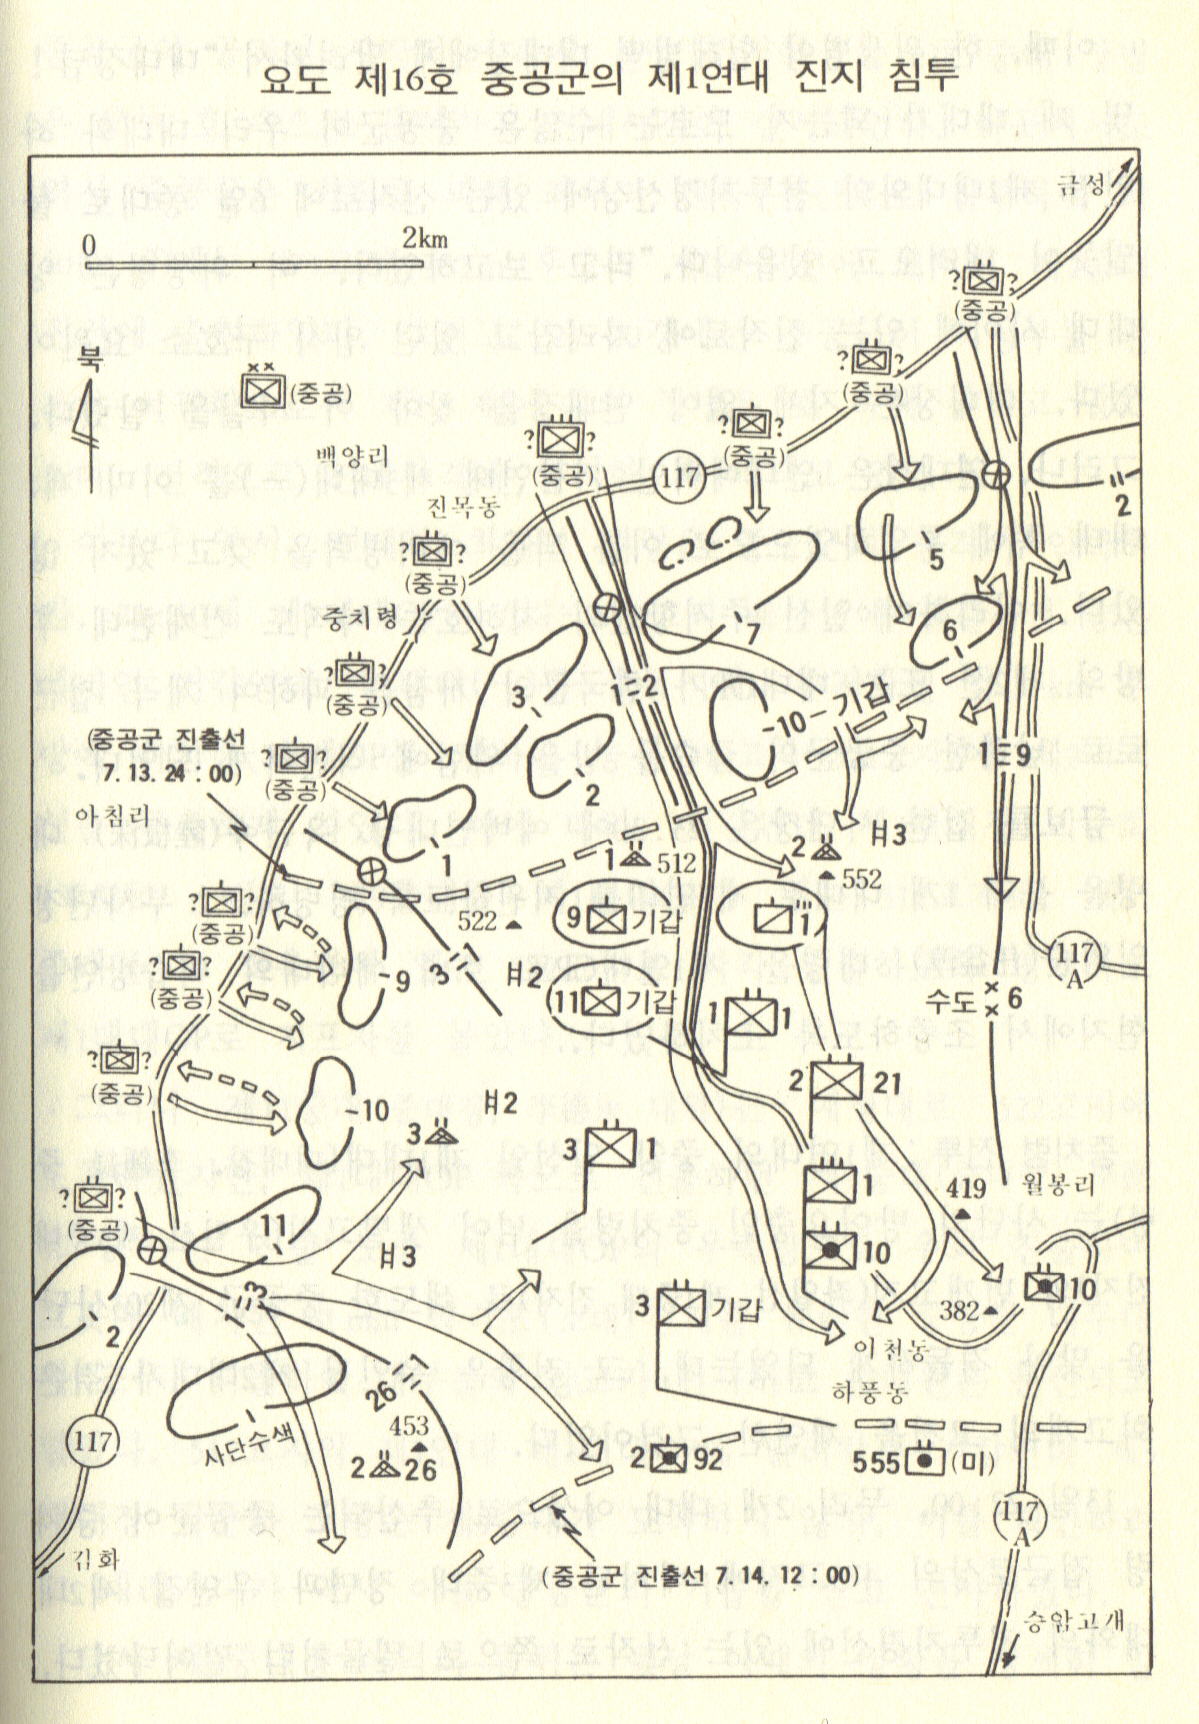 7.13 금성전투 수도사단의 예비연대 투입 실패